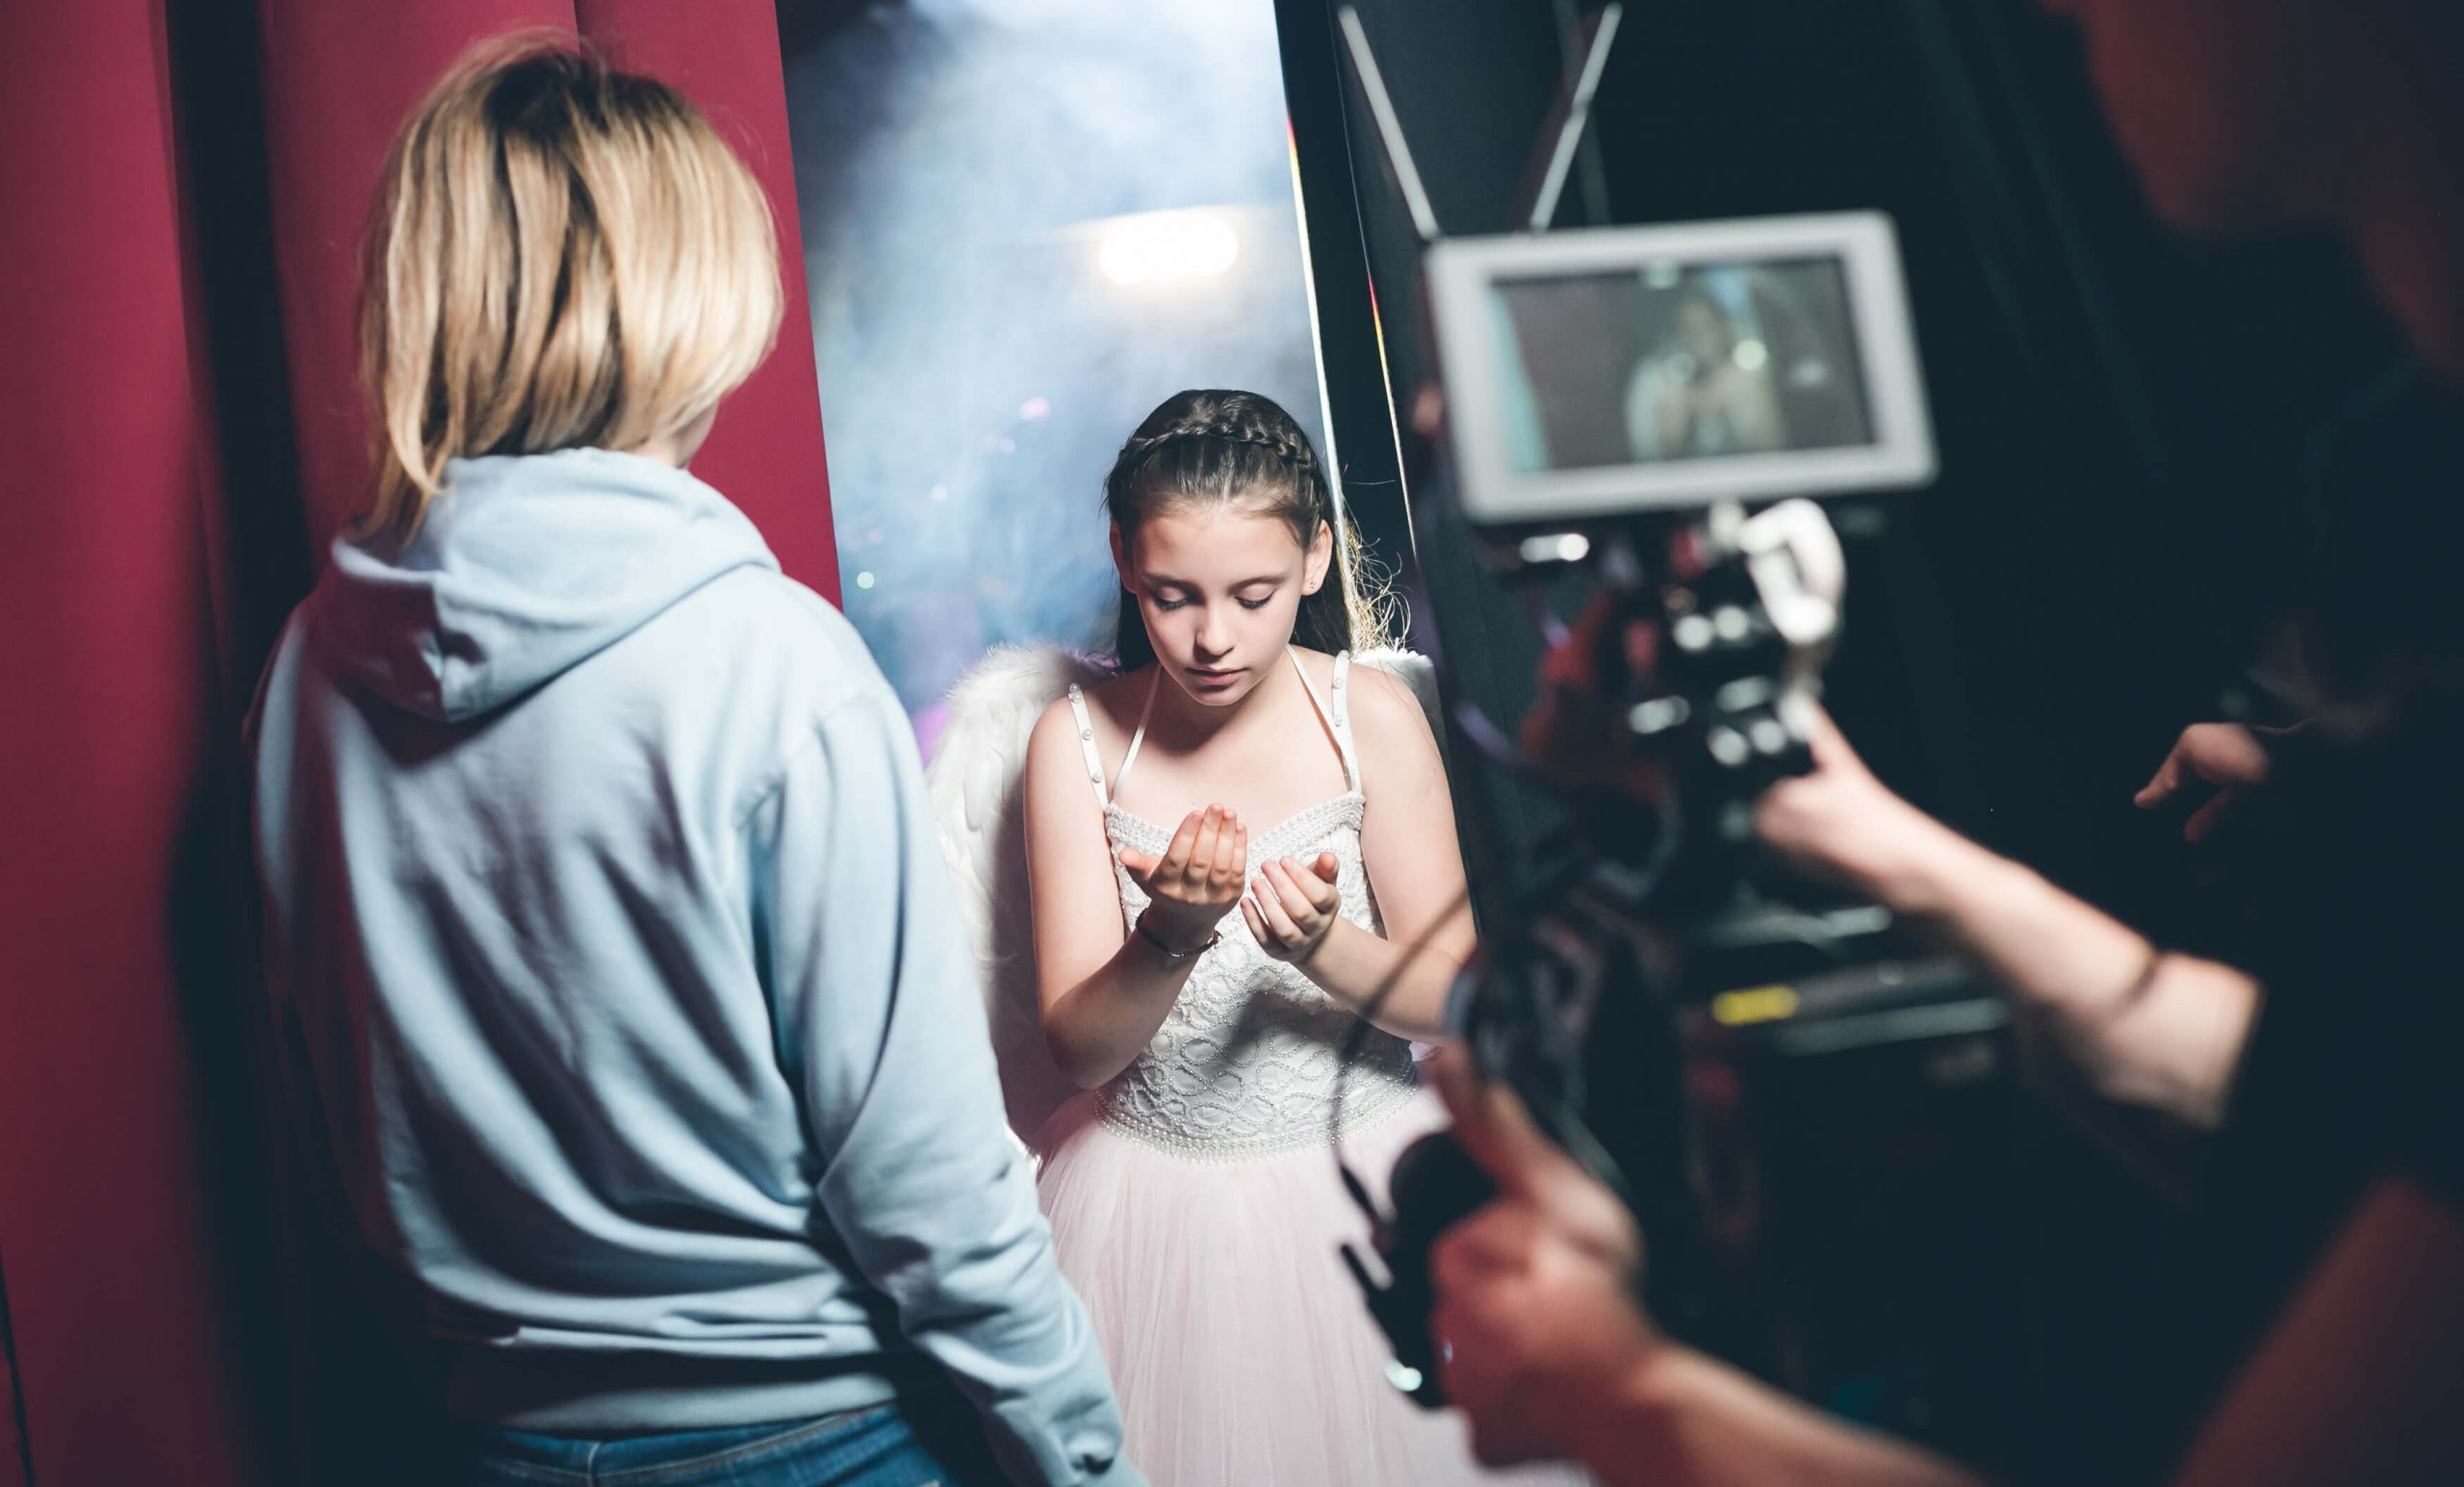 Съёмка музыкального клипа